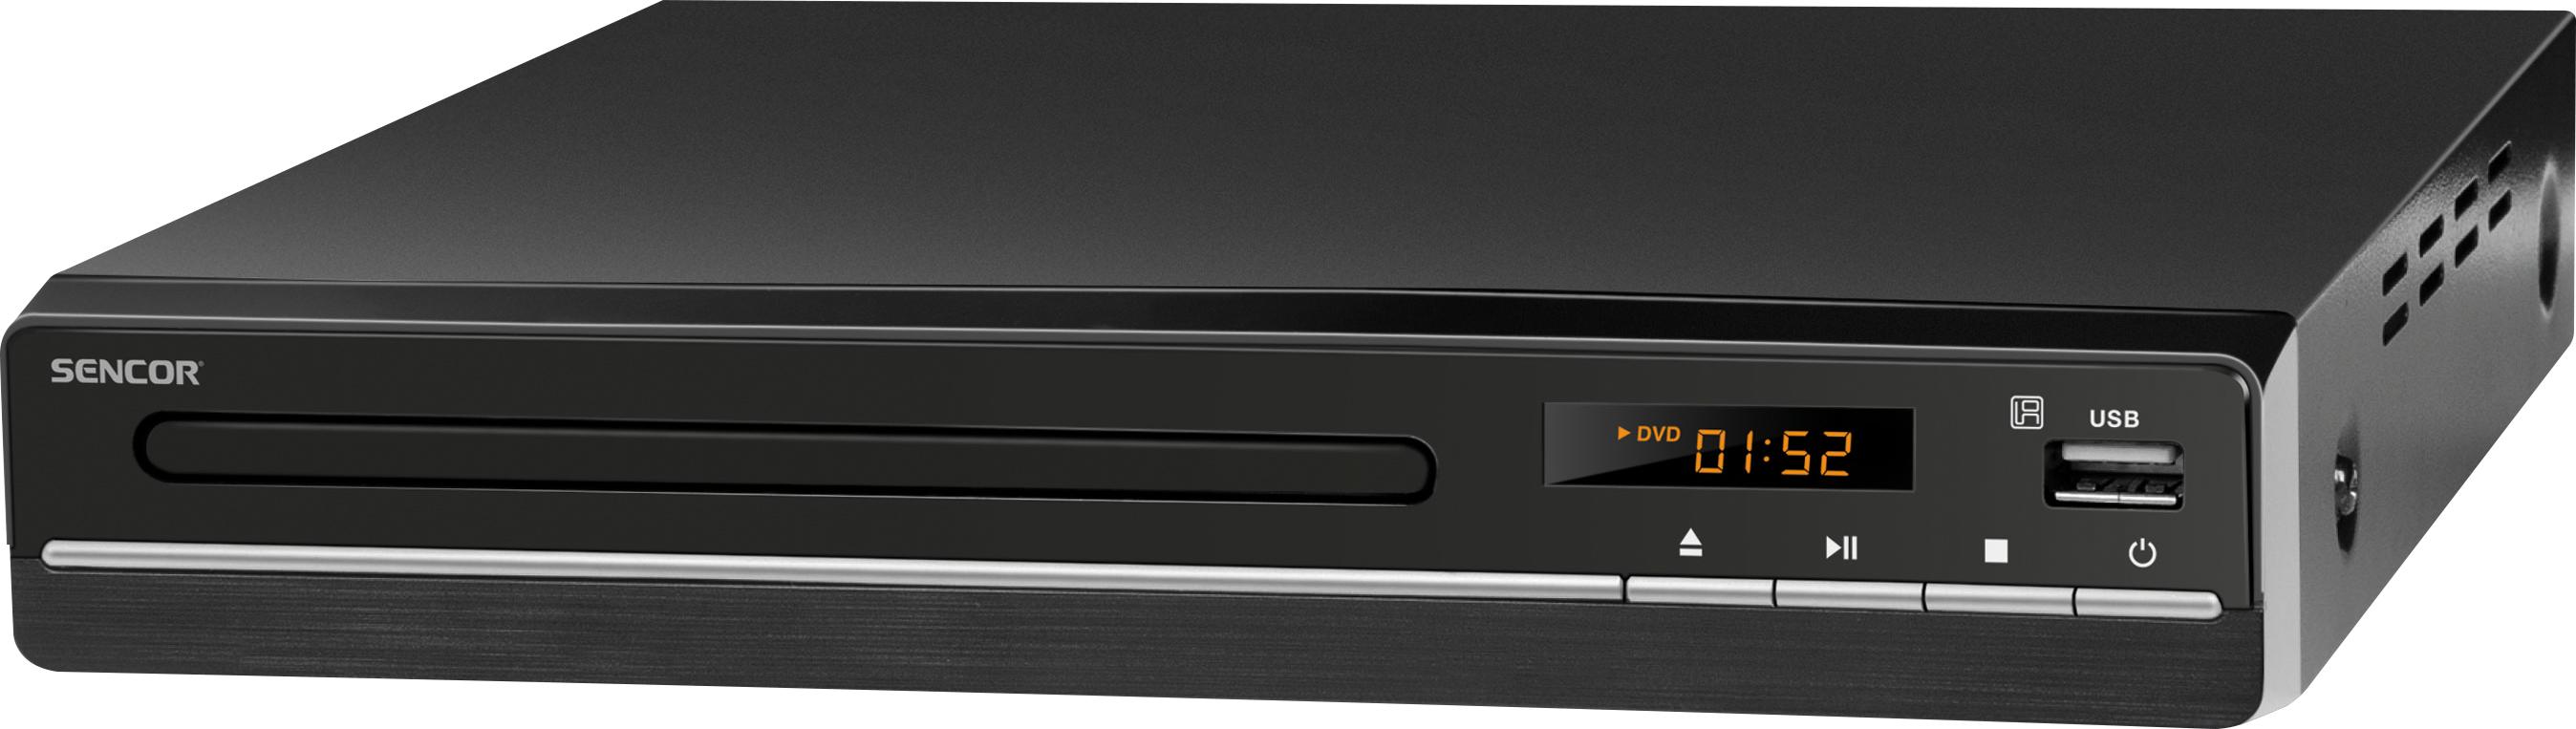 SENCOR SDV 2512H HDMI DVD přehrávač